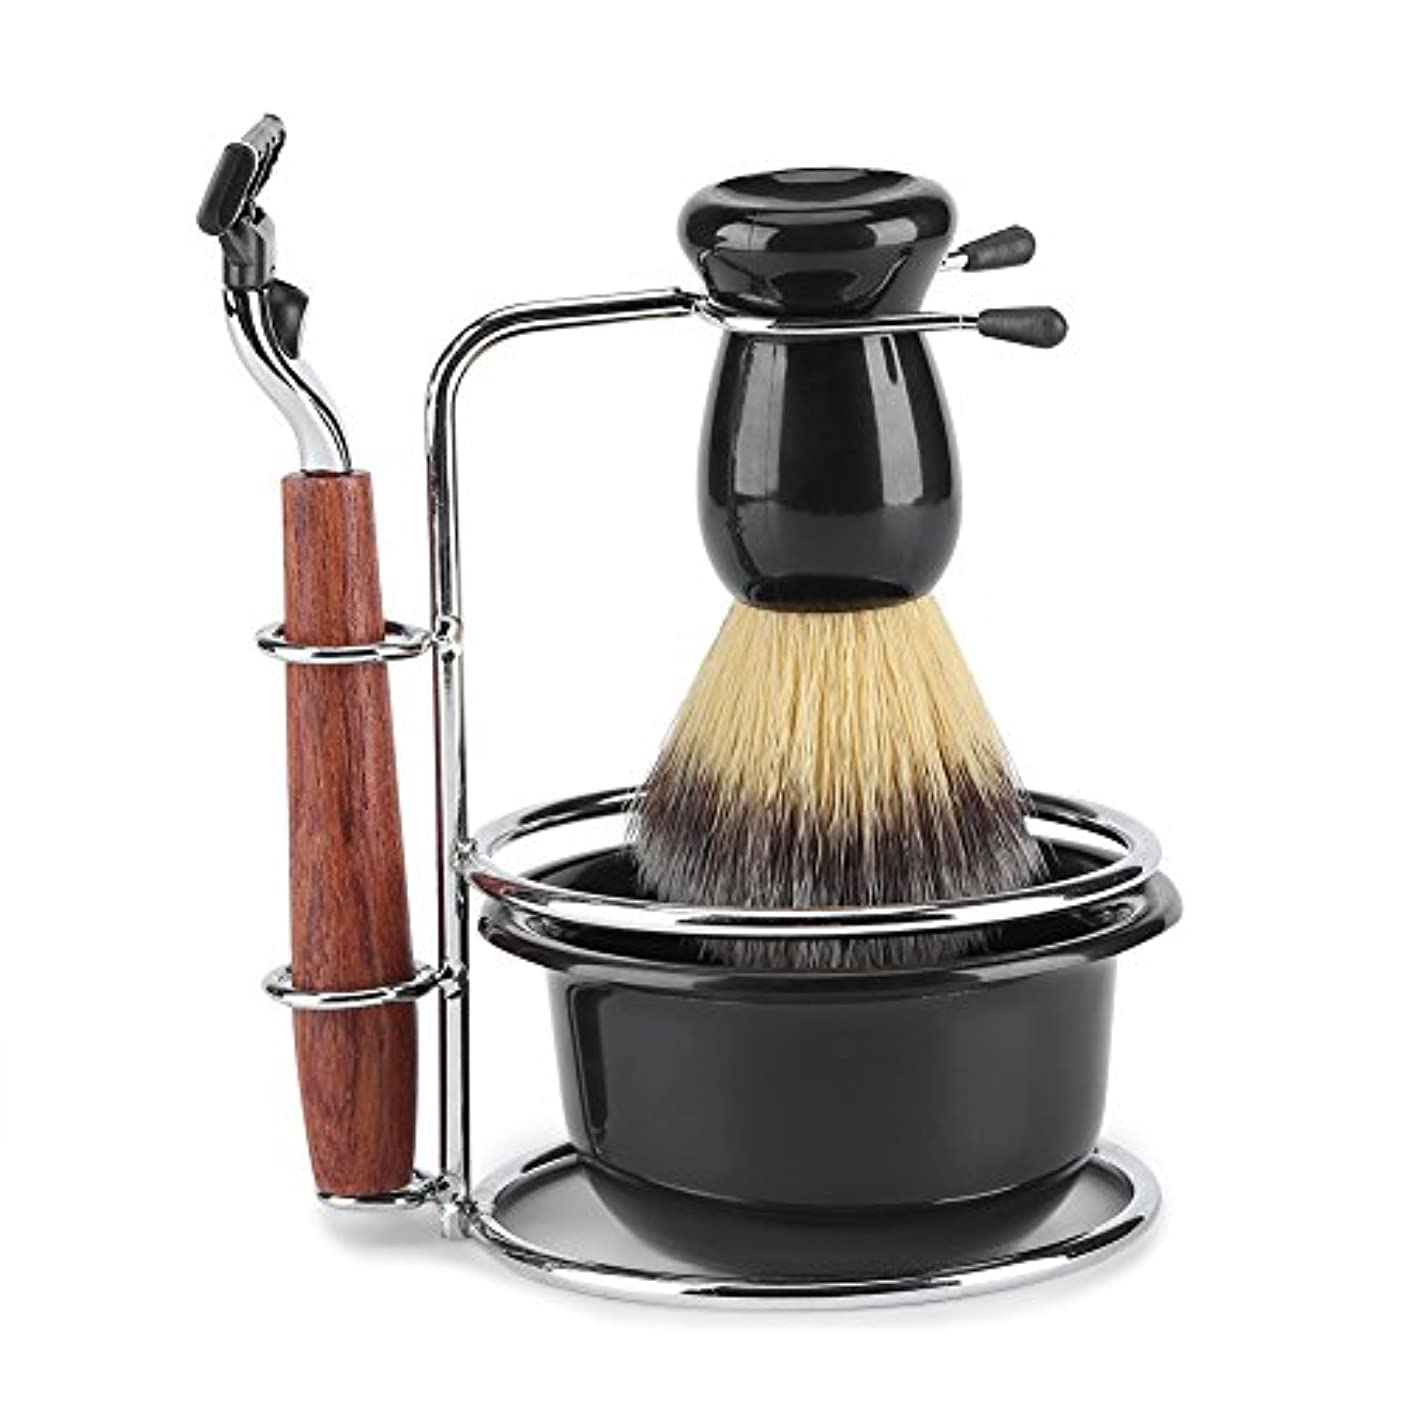 利用可能伴う広まったAcogedor シェービングセット 高級感満々 おしゃれ 魅力で綺麗 実用で便利 メンズ用髭剃り  ヒゲ剃り (剃刀+ステンレススチールホルダー+ブラシ+ボウル)